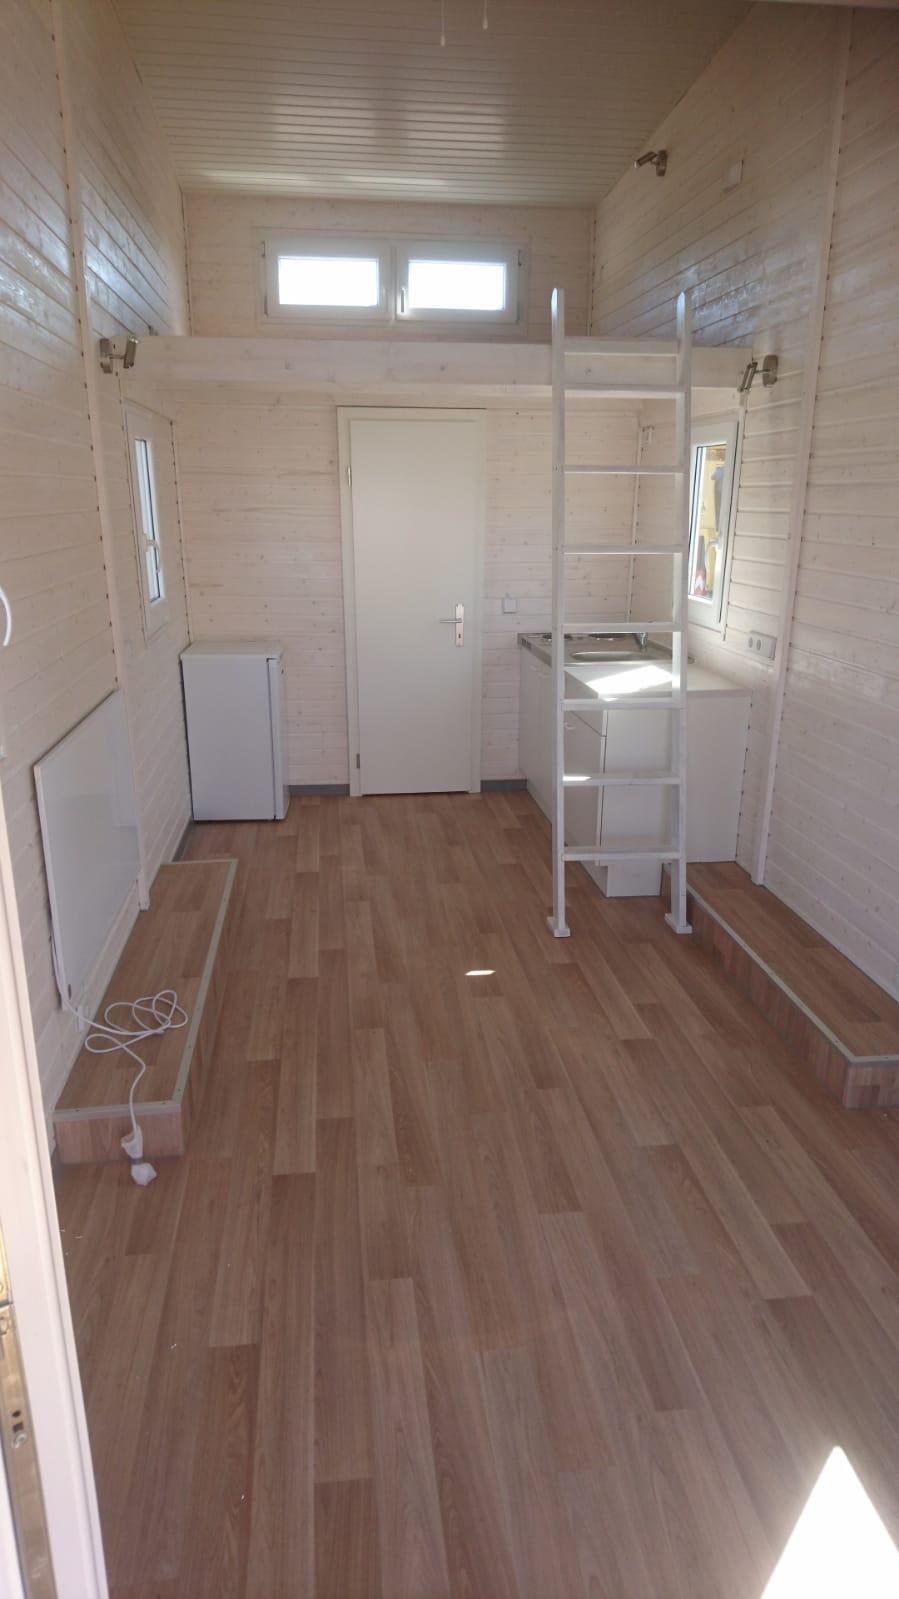 foto galerie meiner tiny houses modelle einrichtung entstehung. Black Bedroom Furniture Sets. Home Design Ideas